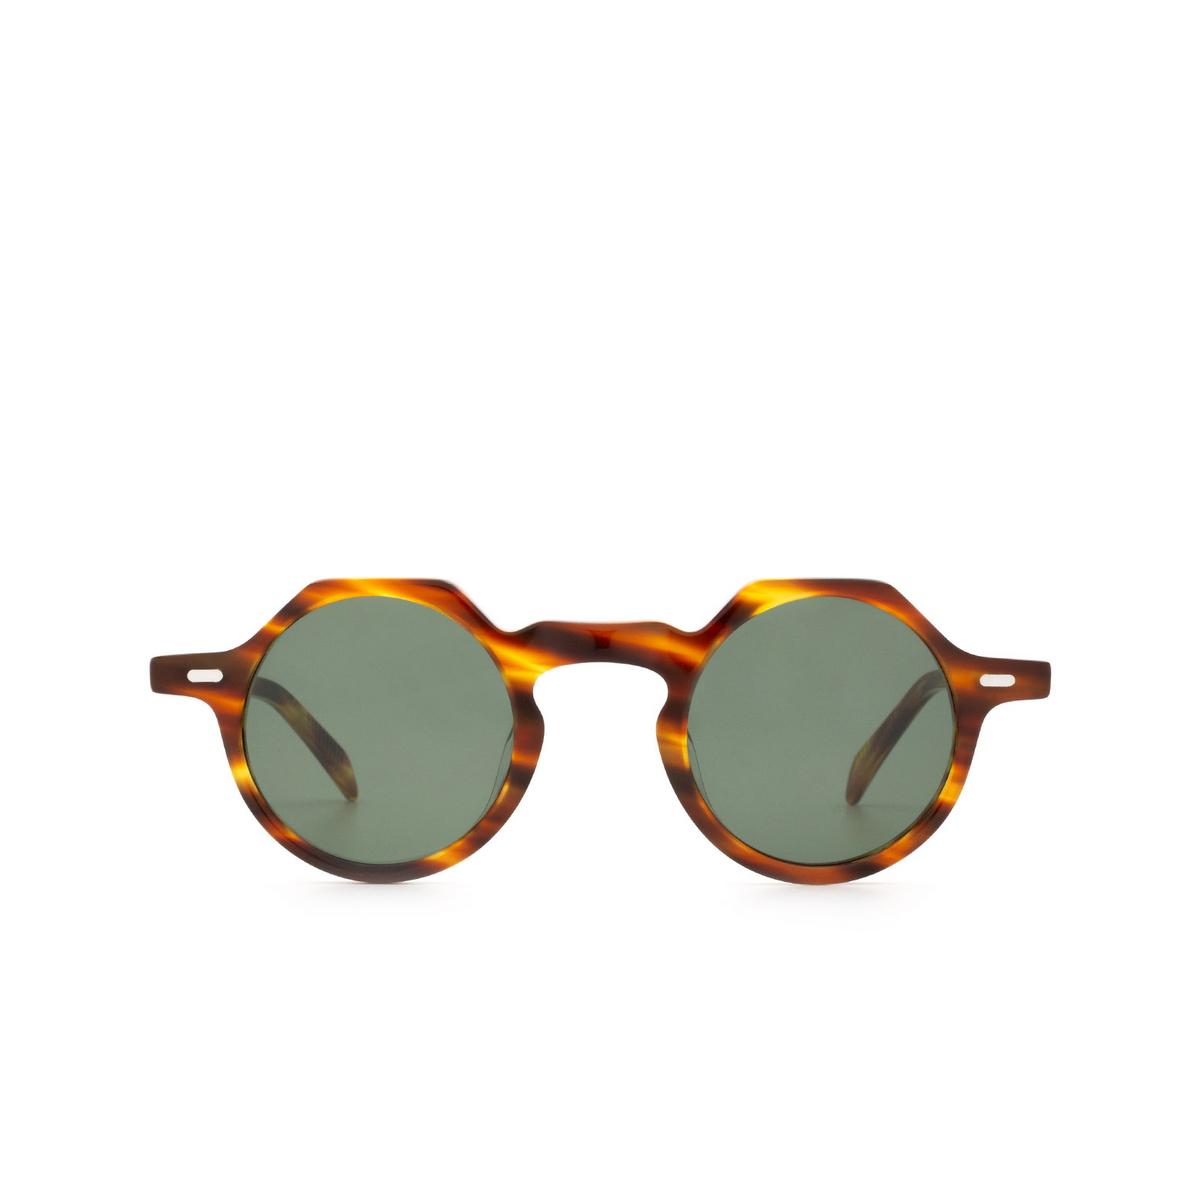 Lesca® Irregular Sunglasses: Yoga Sun color Havana 827.